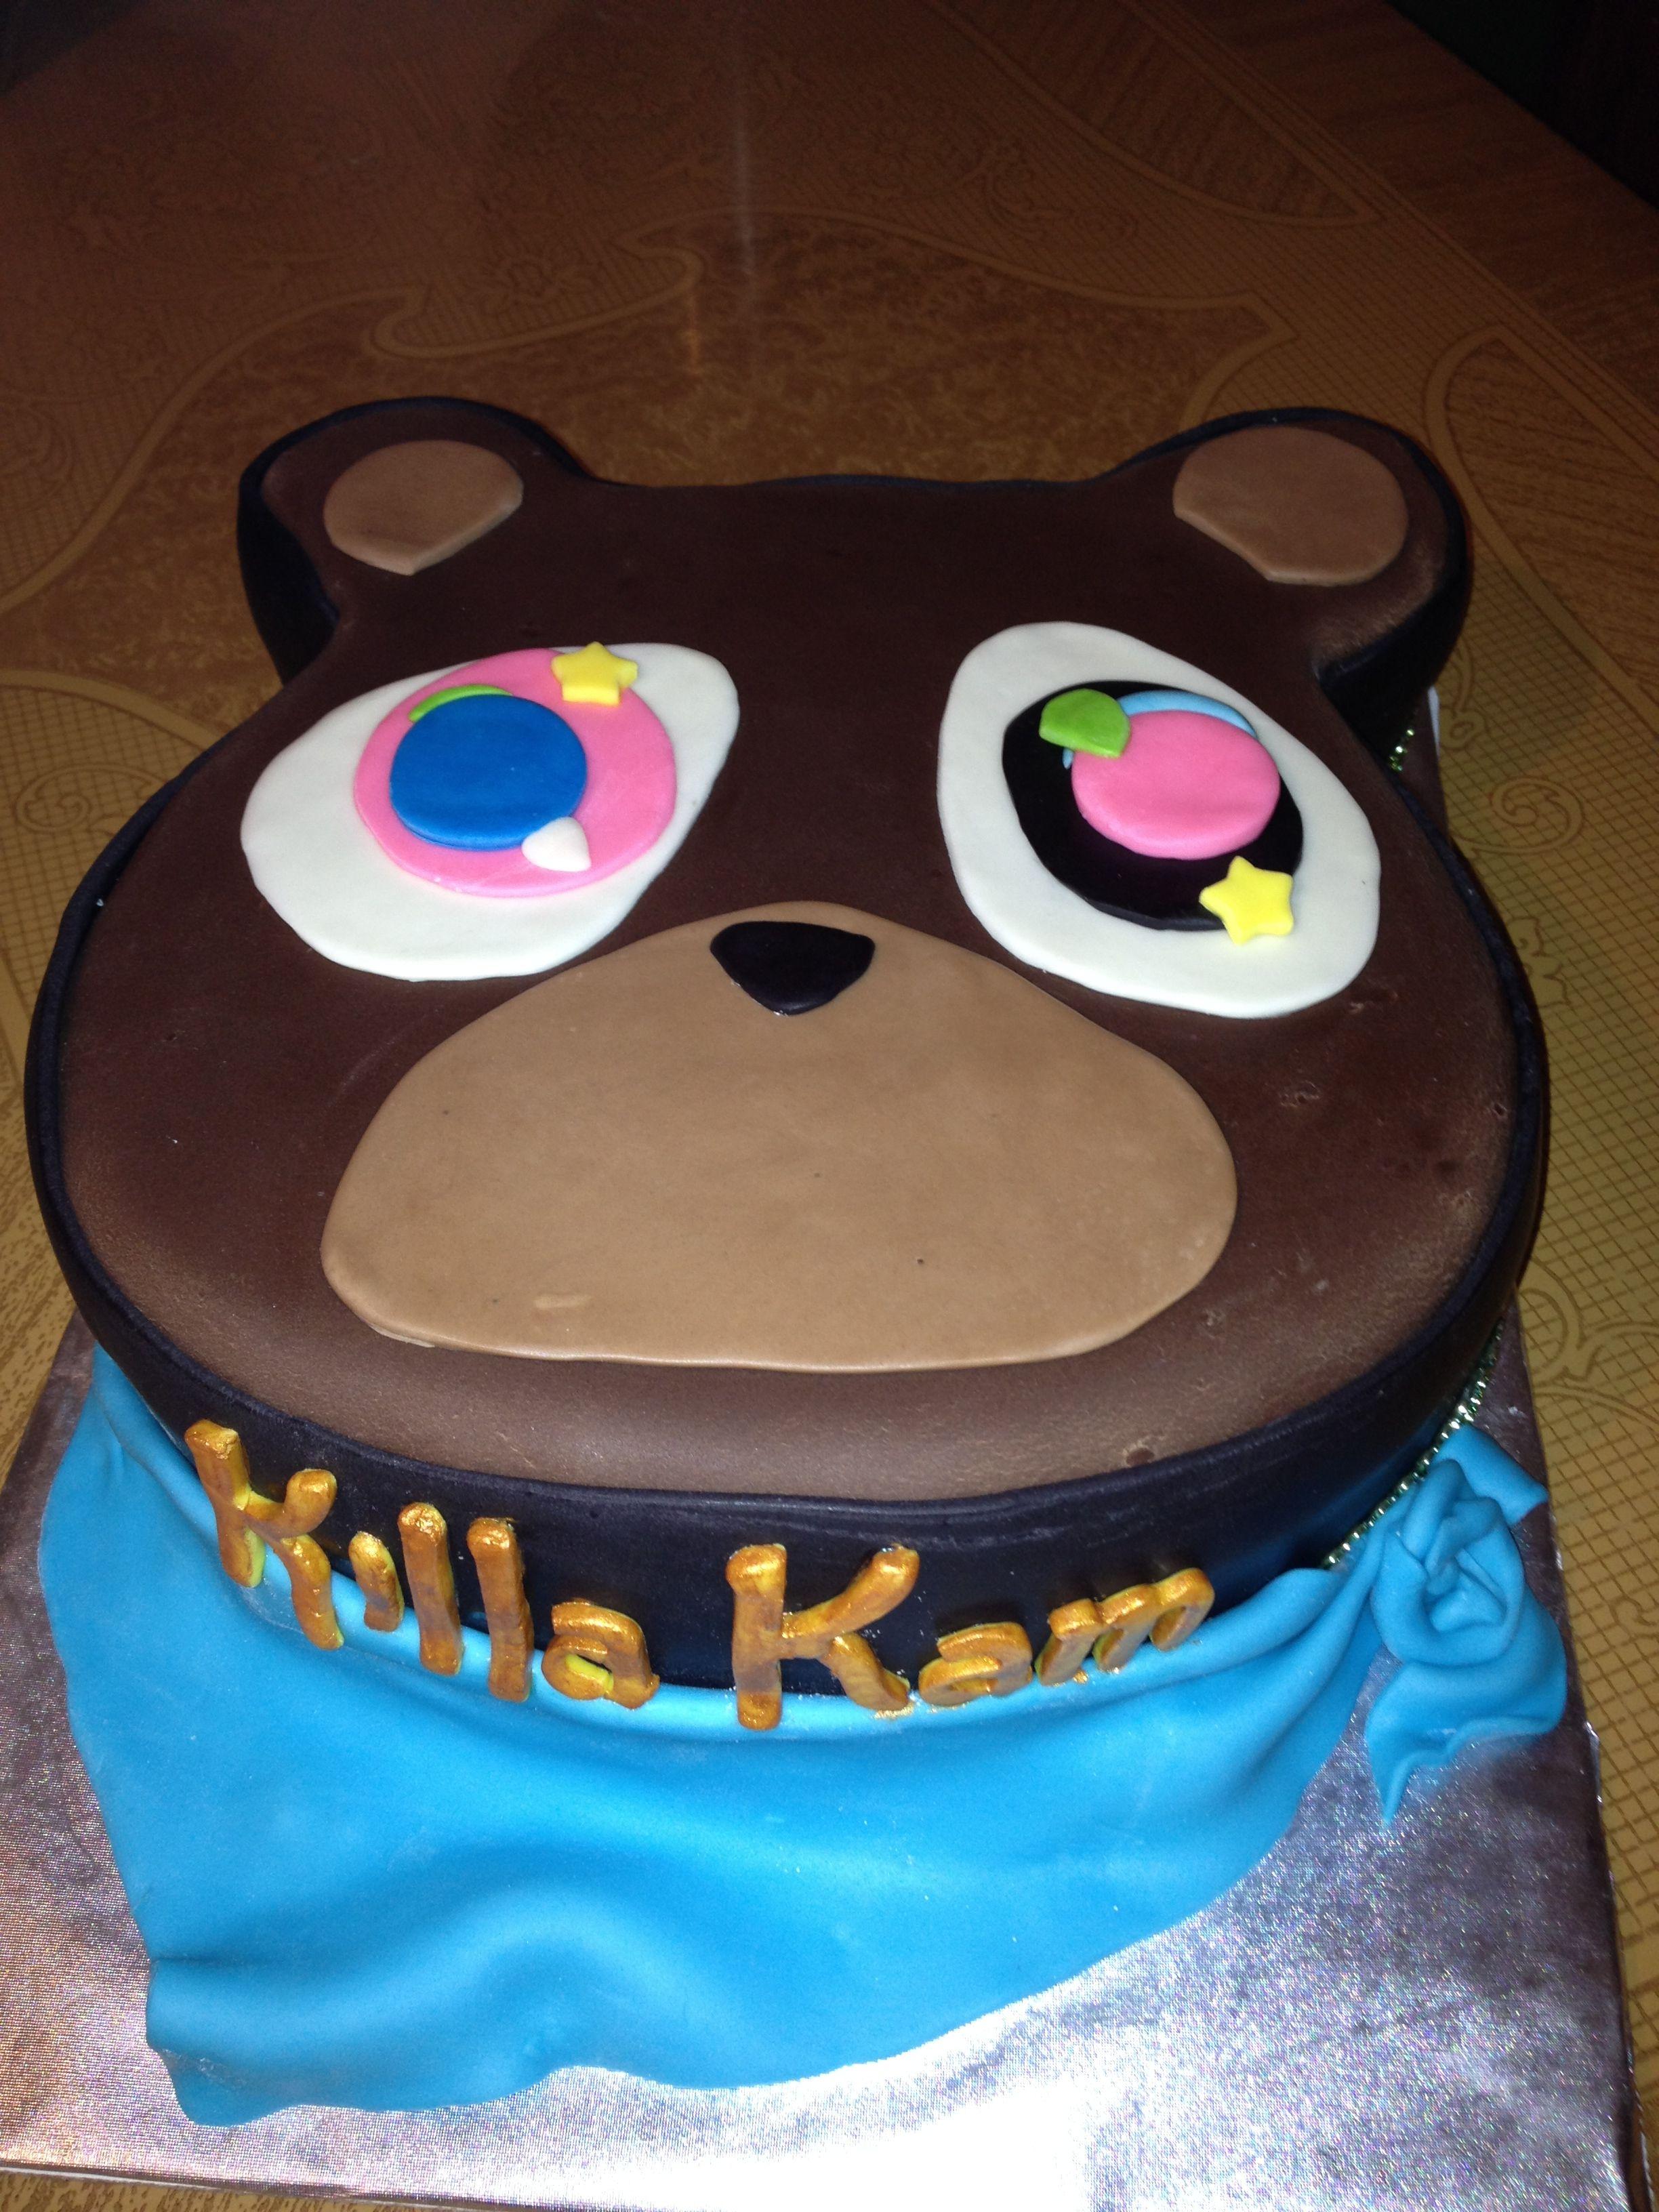 Kanye west bear cake Kanye west birthday